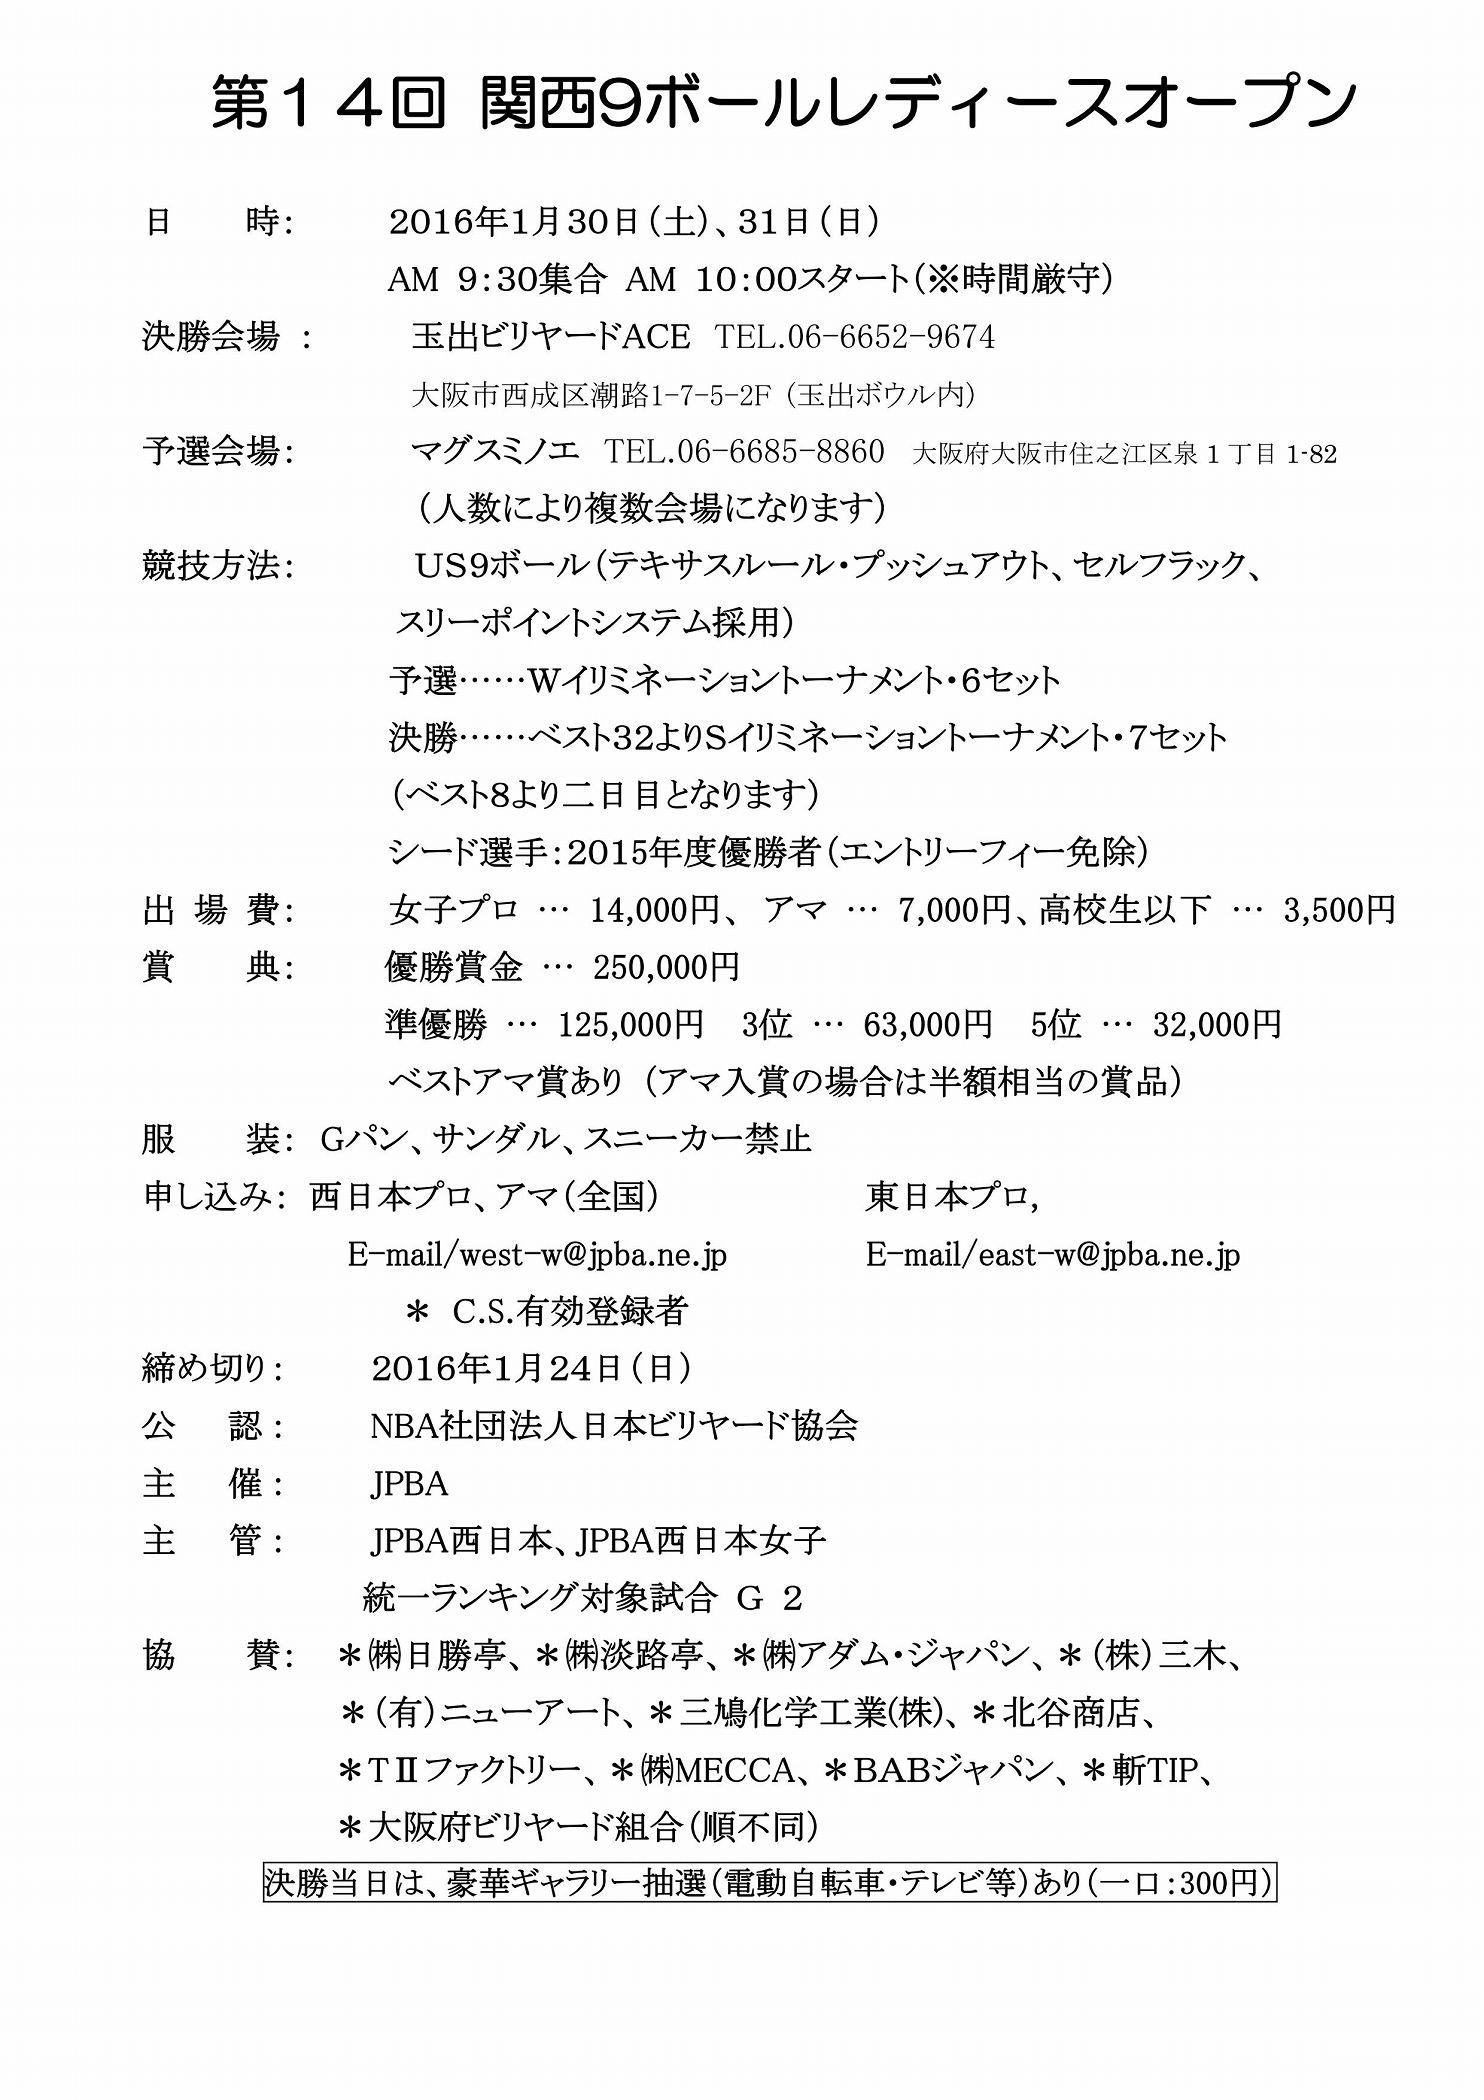 女子関西オープン要項(2016年第14回)_02